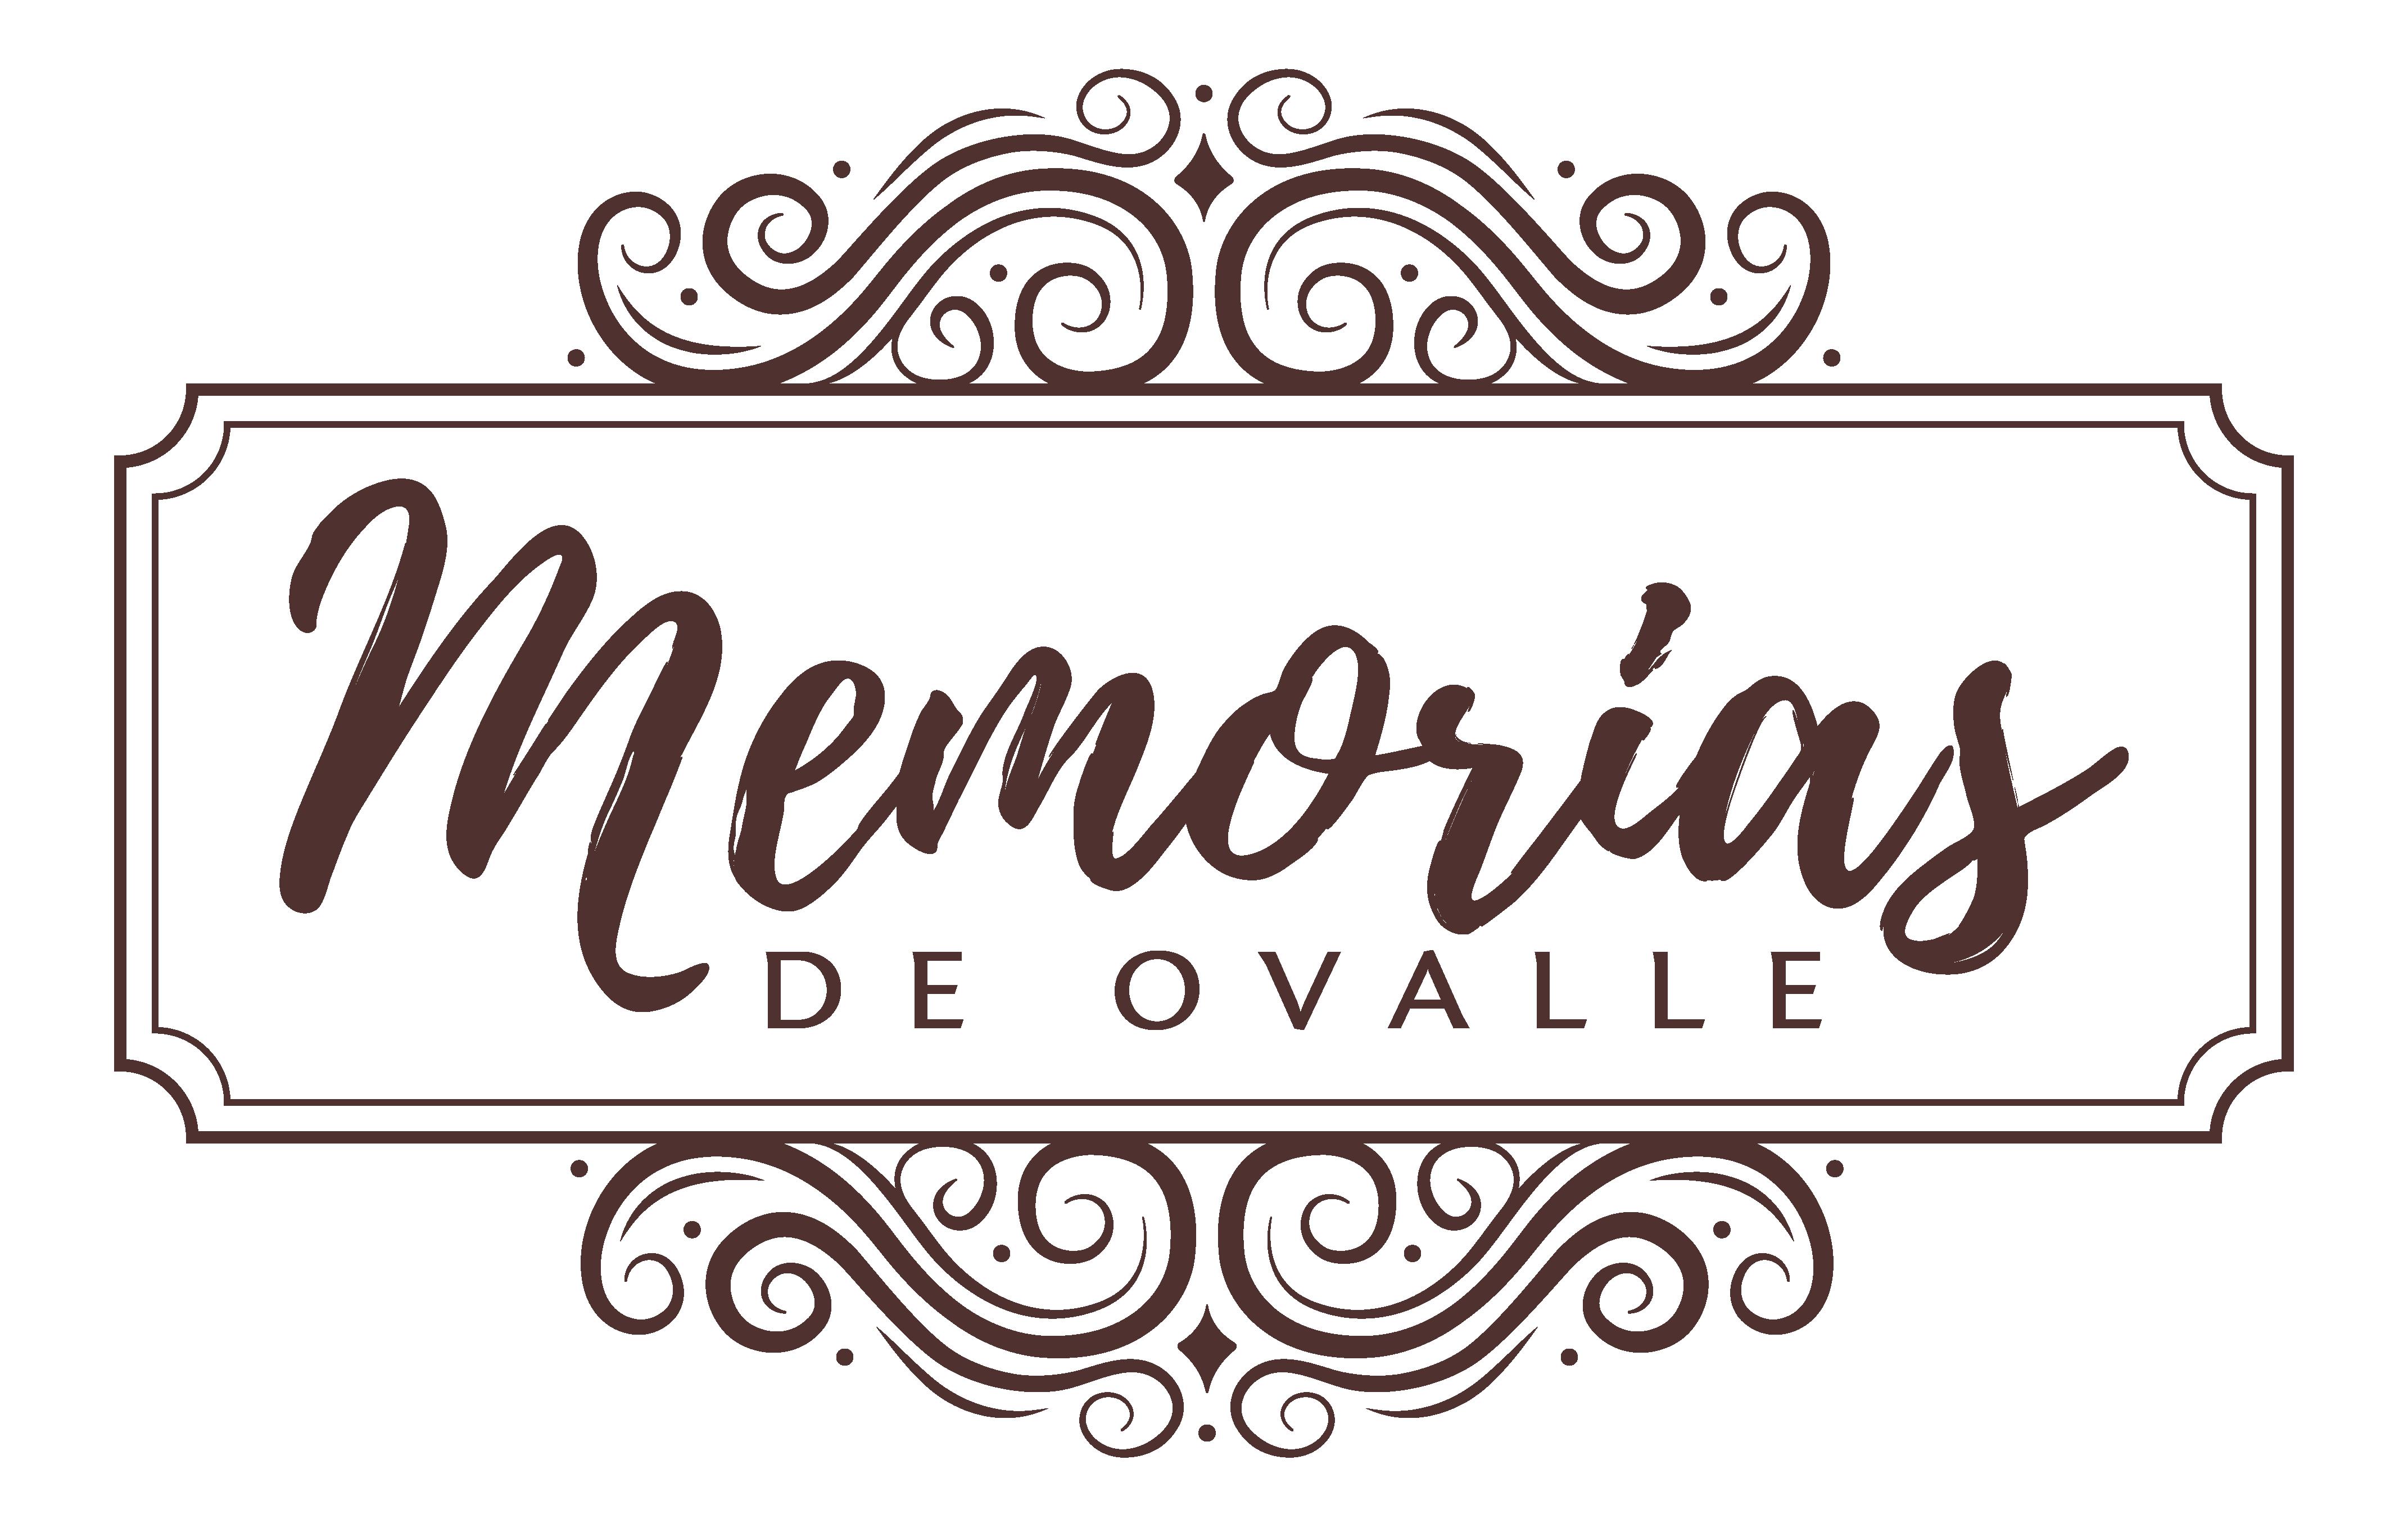 Memorias de Ovalle